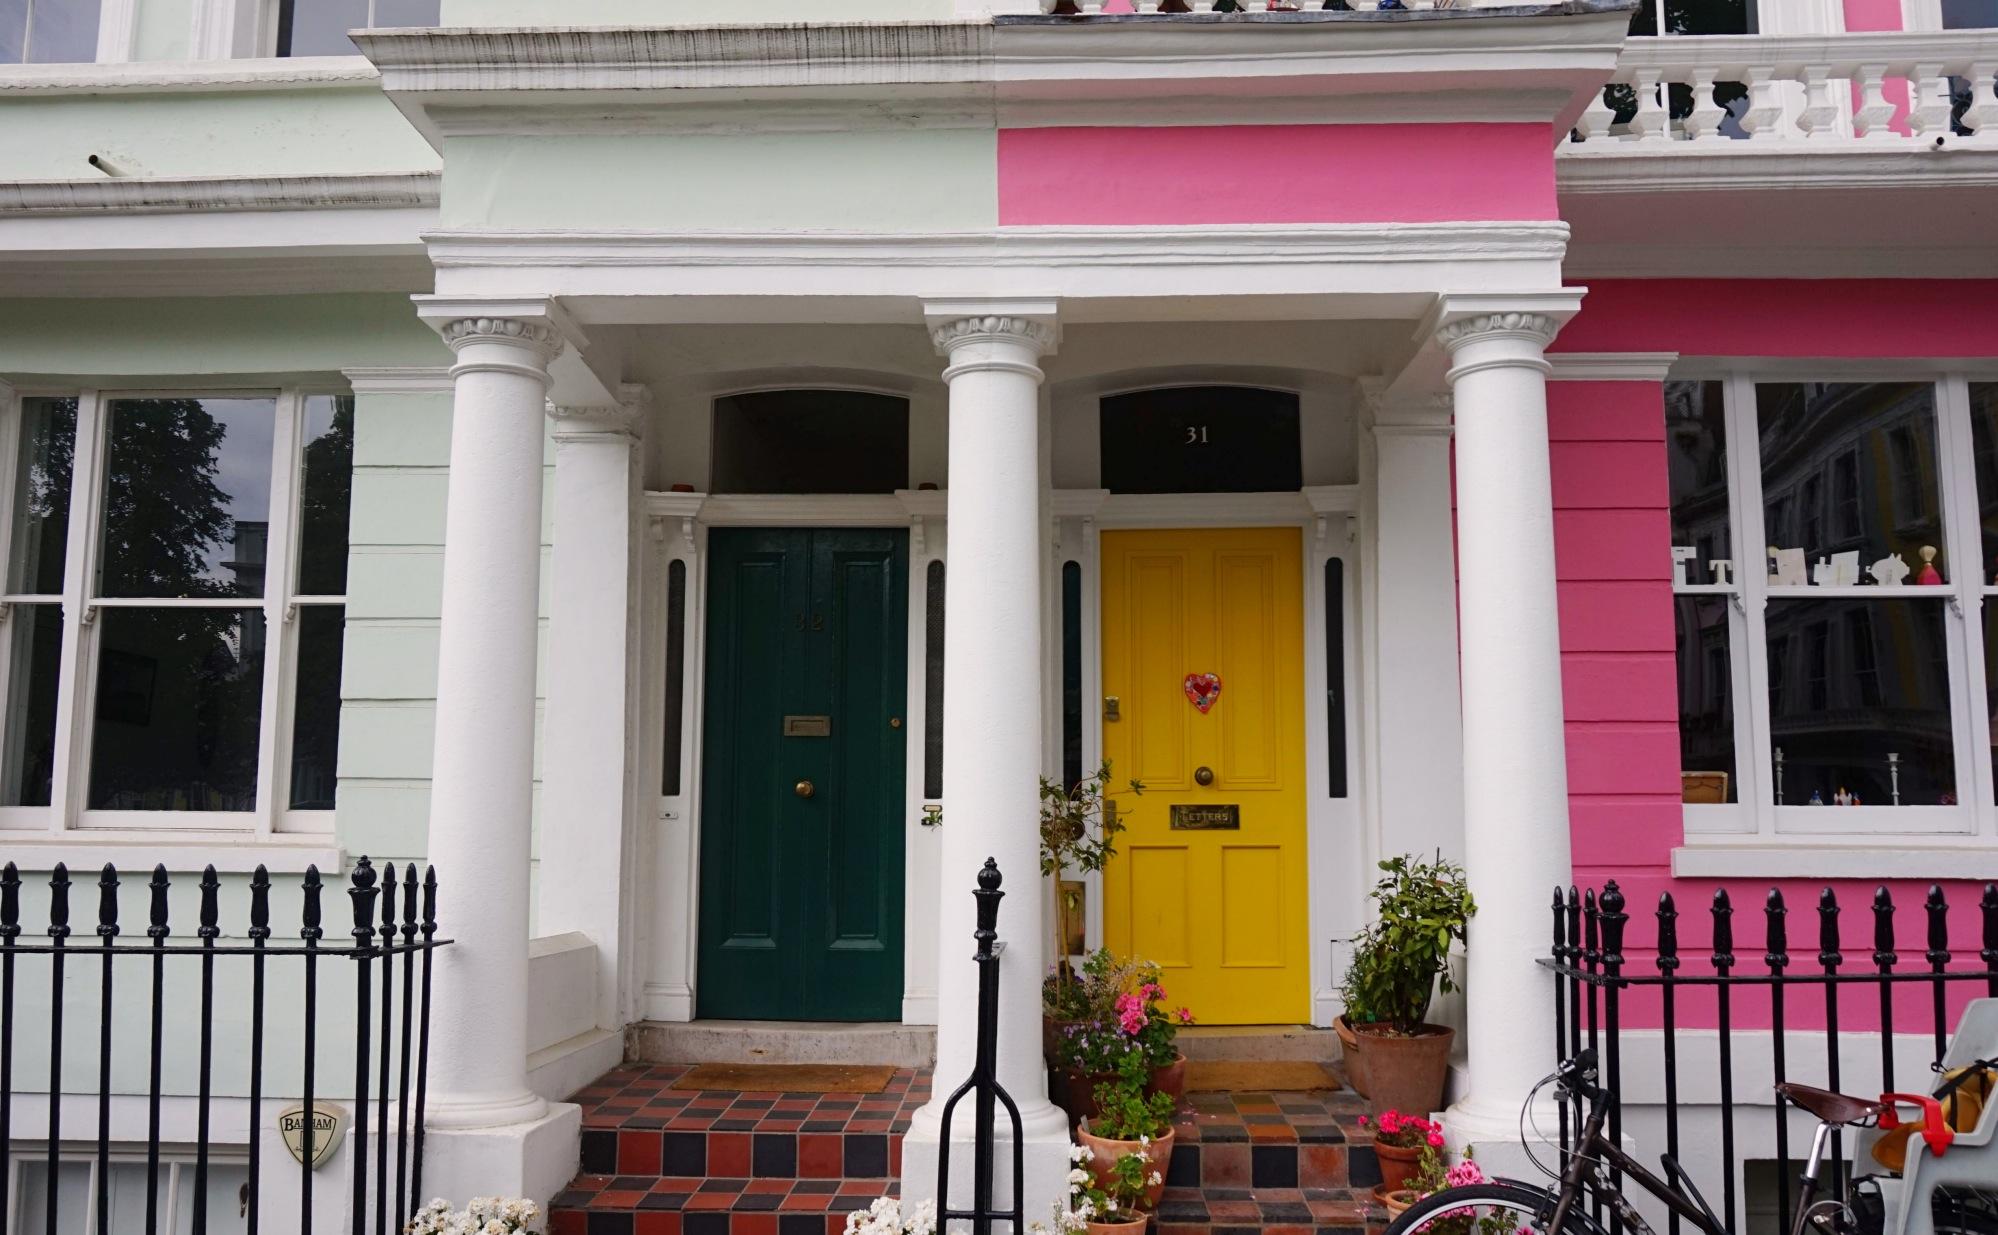 Primrose-Hill-Chalcot-Square-9